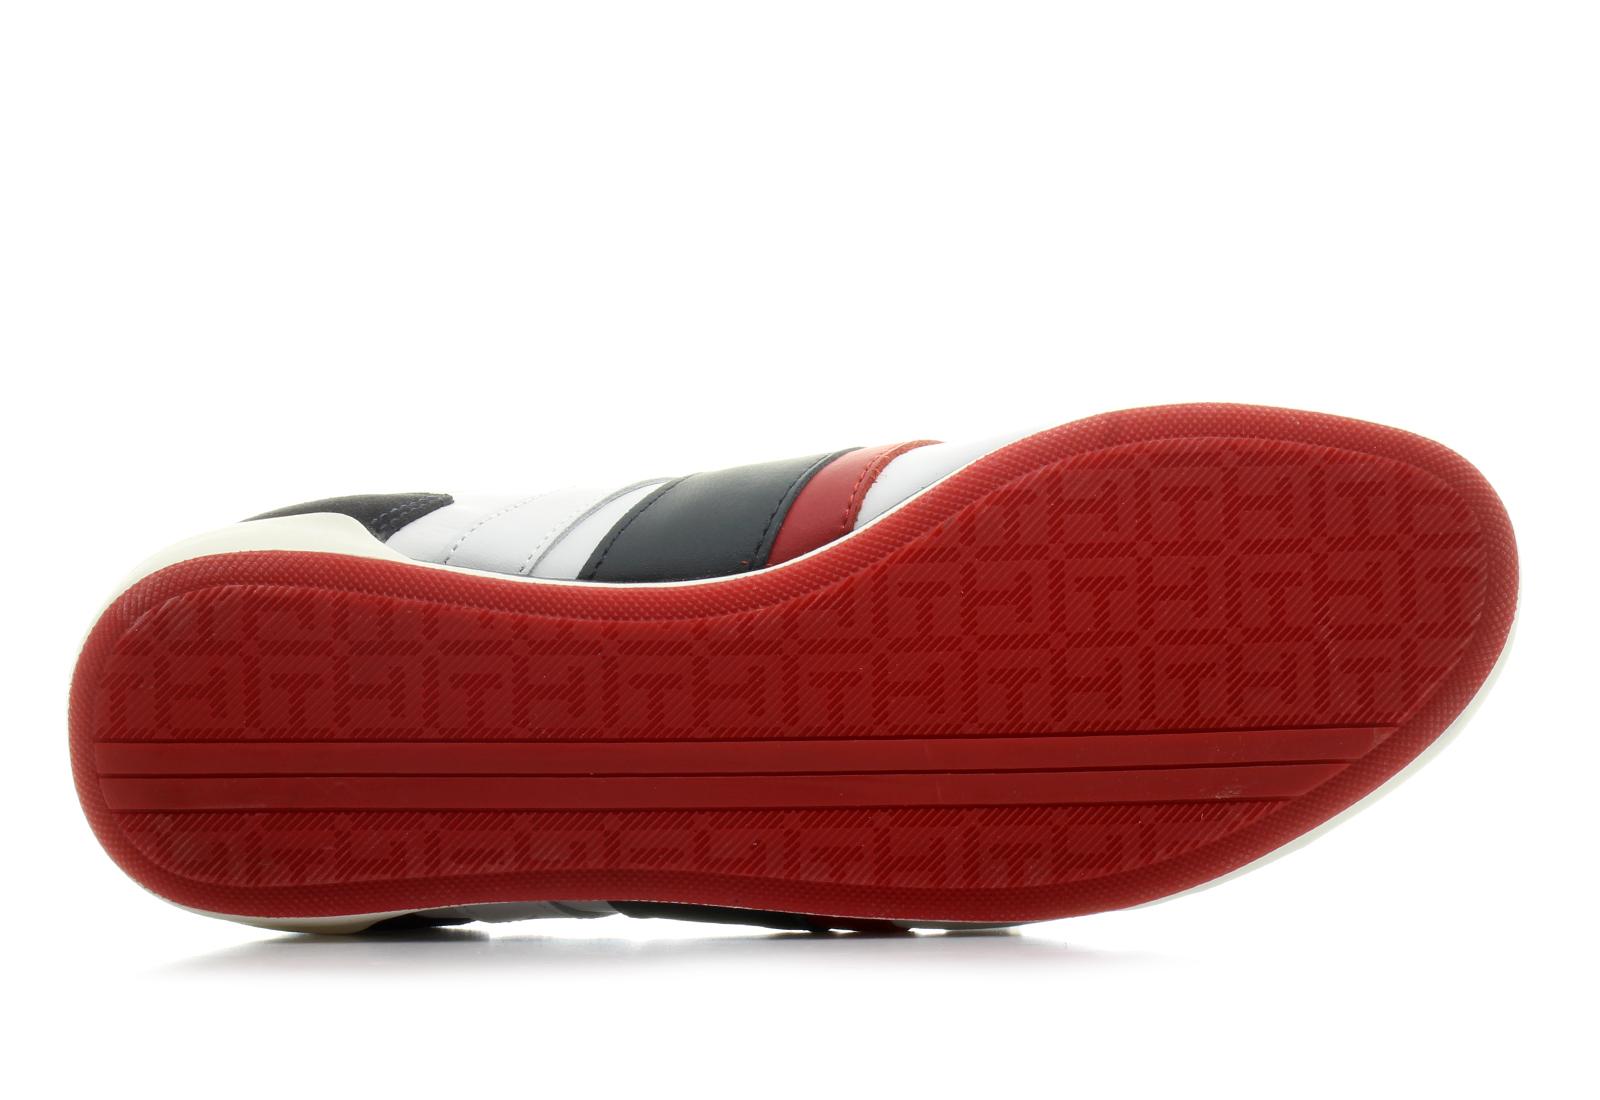 d96d5f0cc0 Tommy Hilfiger Shoes - Royal 3c1 - 17S-0410-909 - Online shop for ...